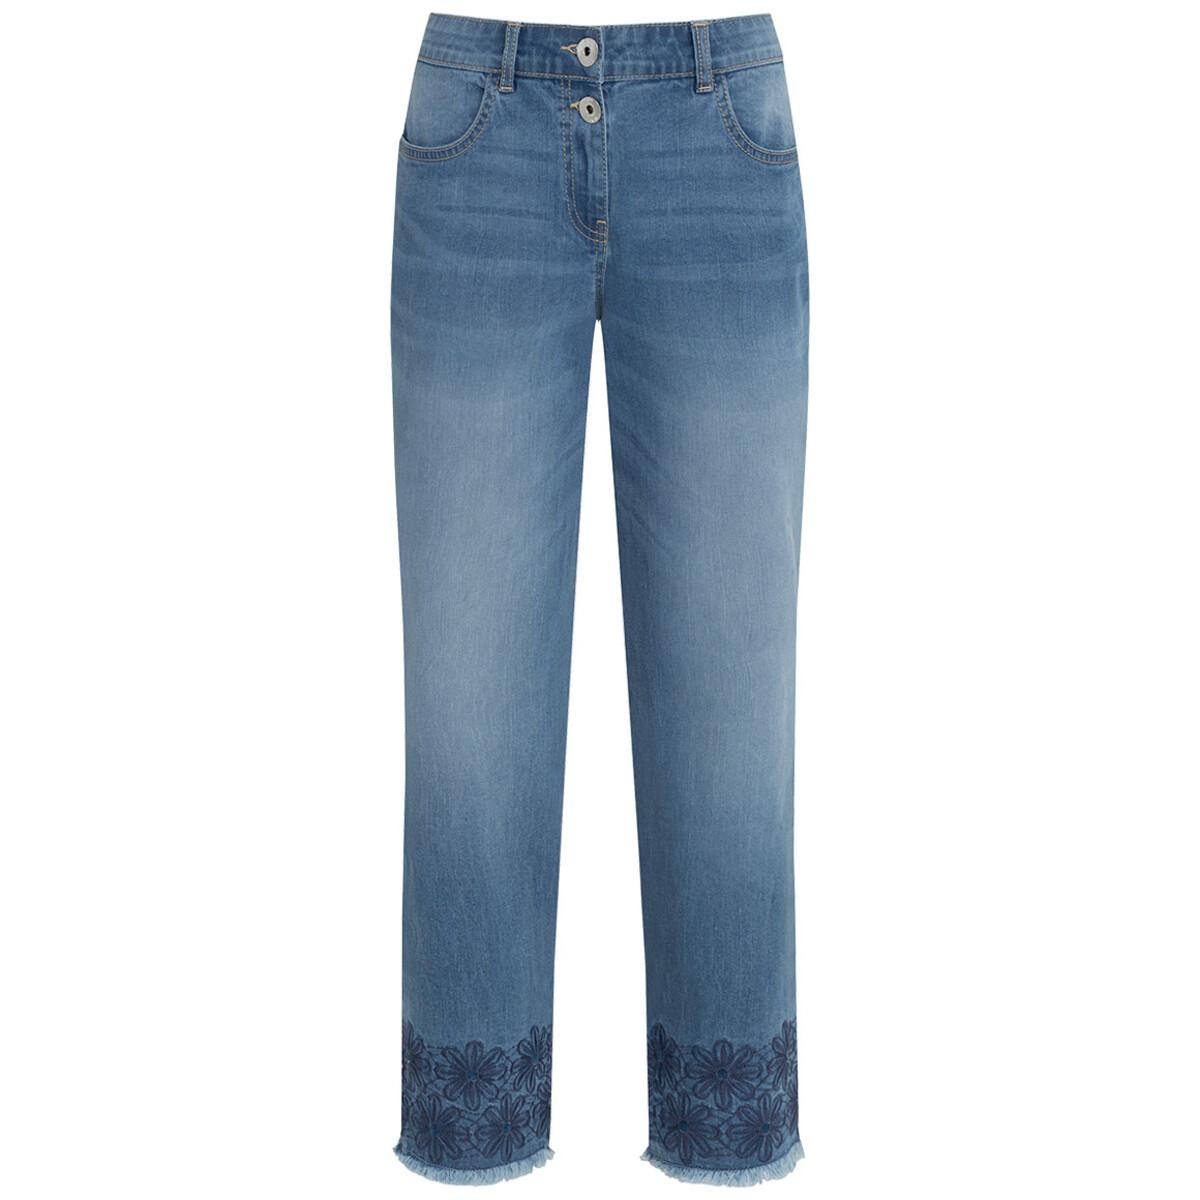 Bild 1 von 7/8 Damen Straight-Jeans mit Stickerei